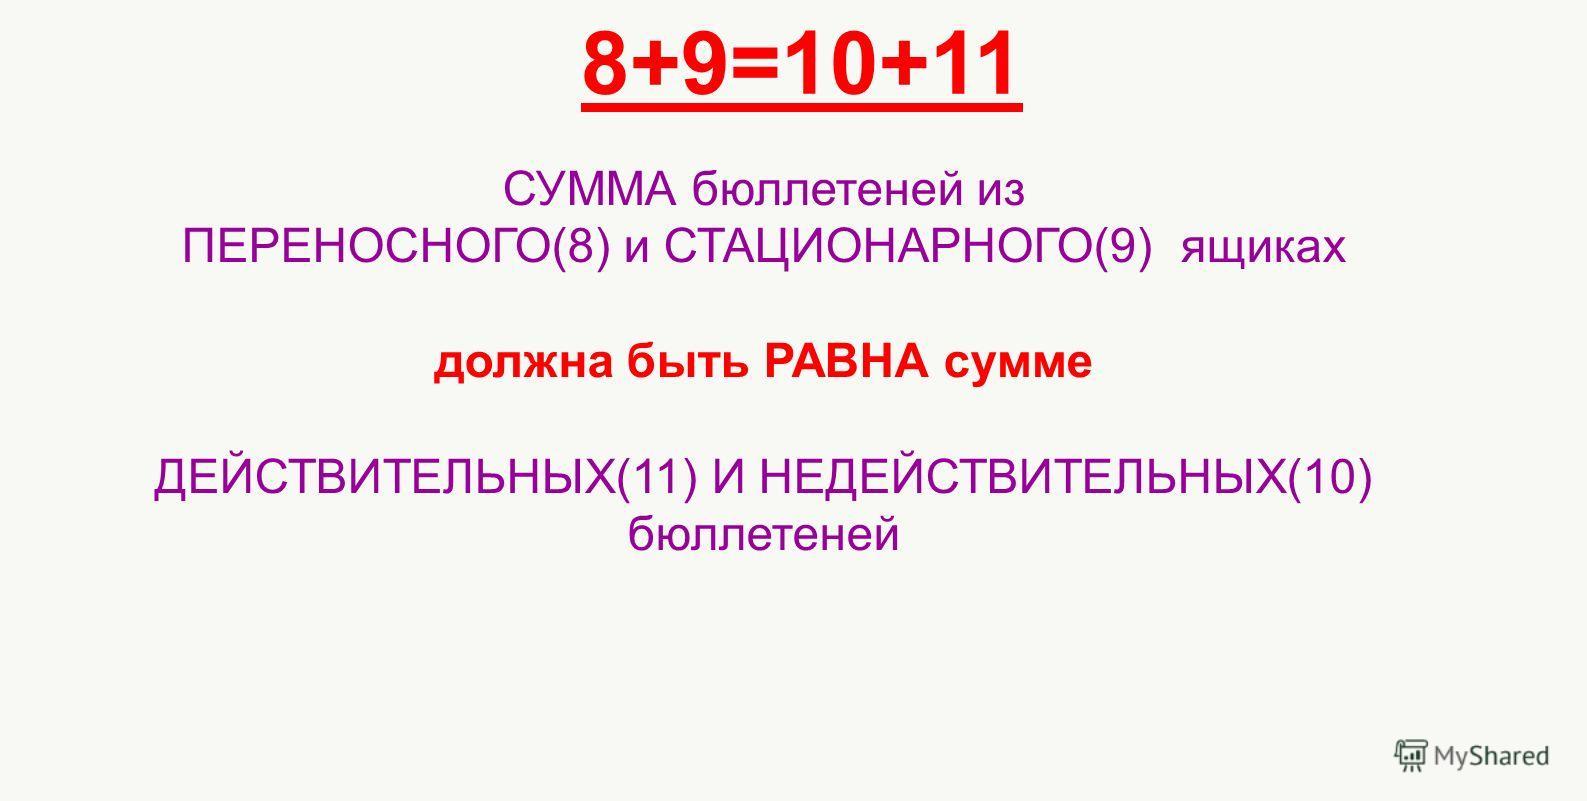 8+9=10+11 СУММА бюллетеней из ПЕРЕНОСНОГО(8) и СТАЦИОНАРНОГО(9) ящиках должна быть РАВНА сумме ДЕЙСТВИТЕЛЬНЫХ(11) И НЕДЕЙСТВИТЕЛЬНЫХ(10) бюллетеней